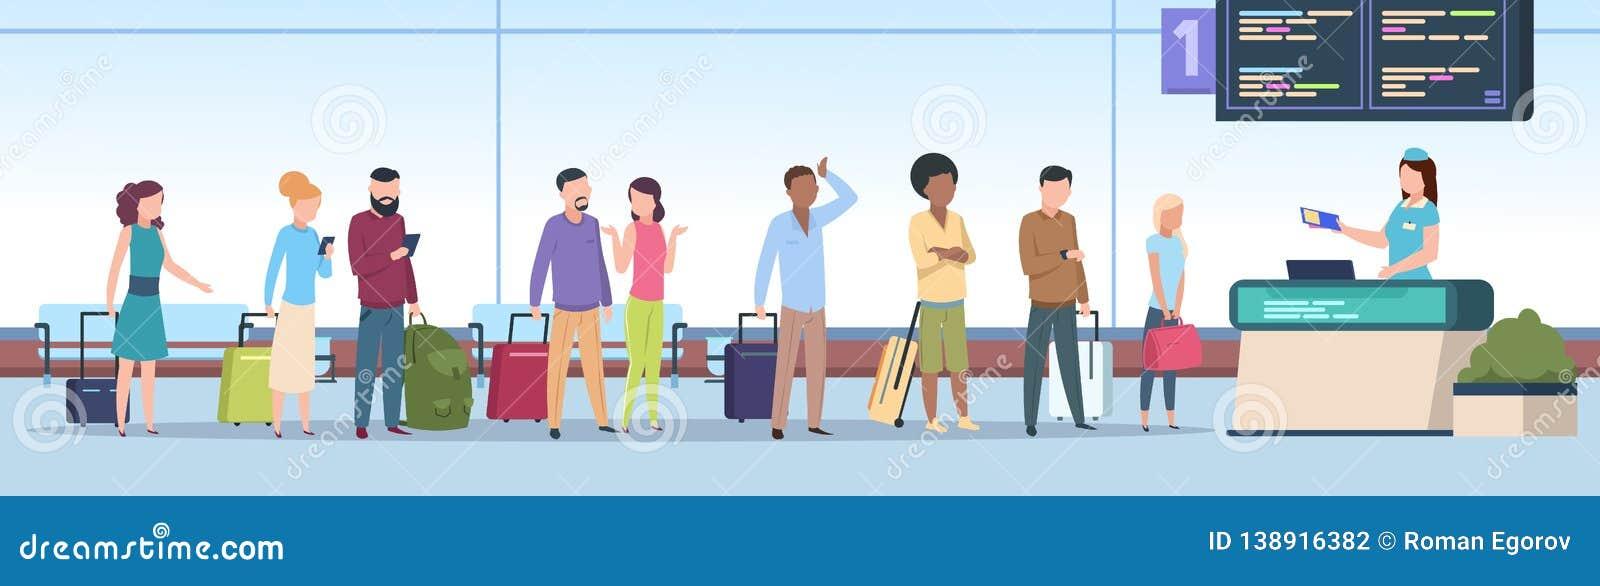 机场队列 飞机乘客检查注册机场终端 旅行的人民,等待在门的行李